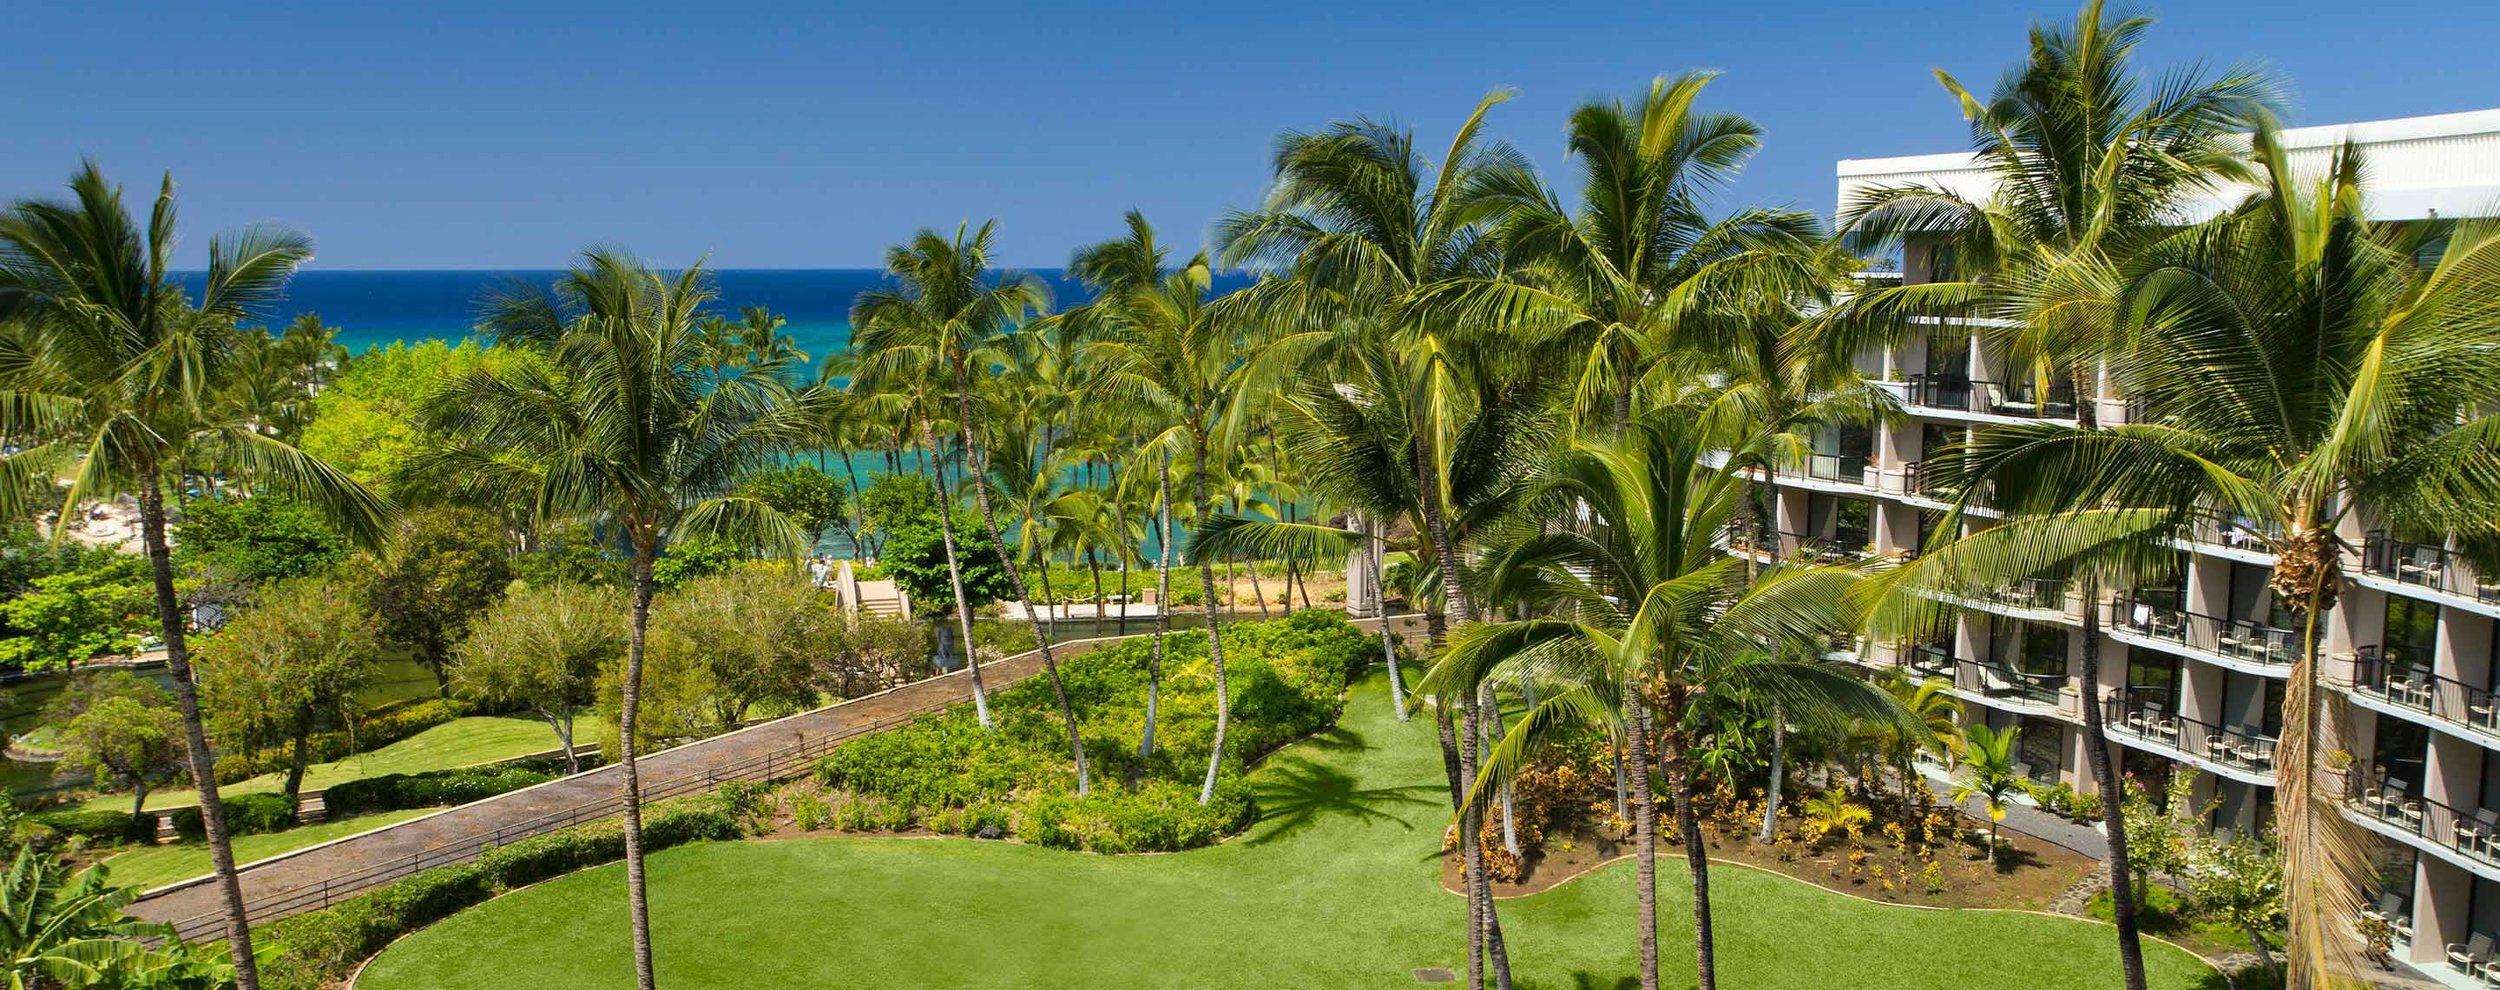 Hilton_Waikoloa.jpg